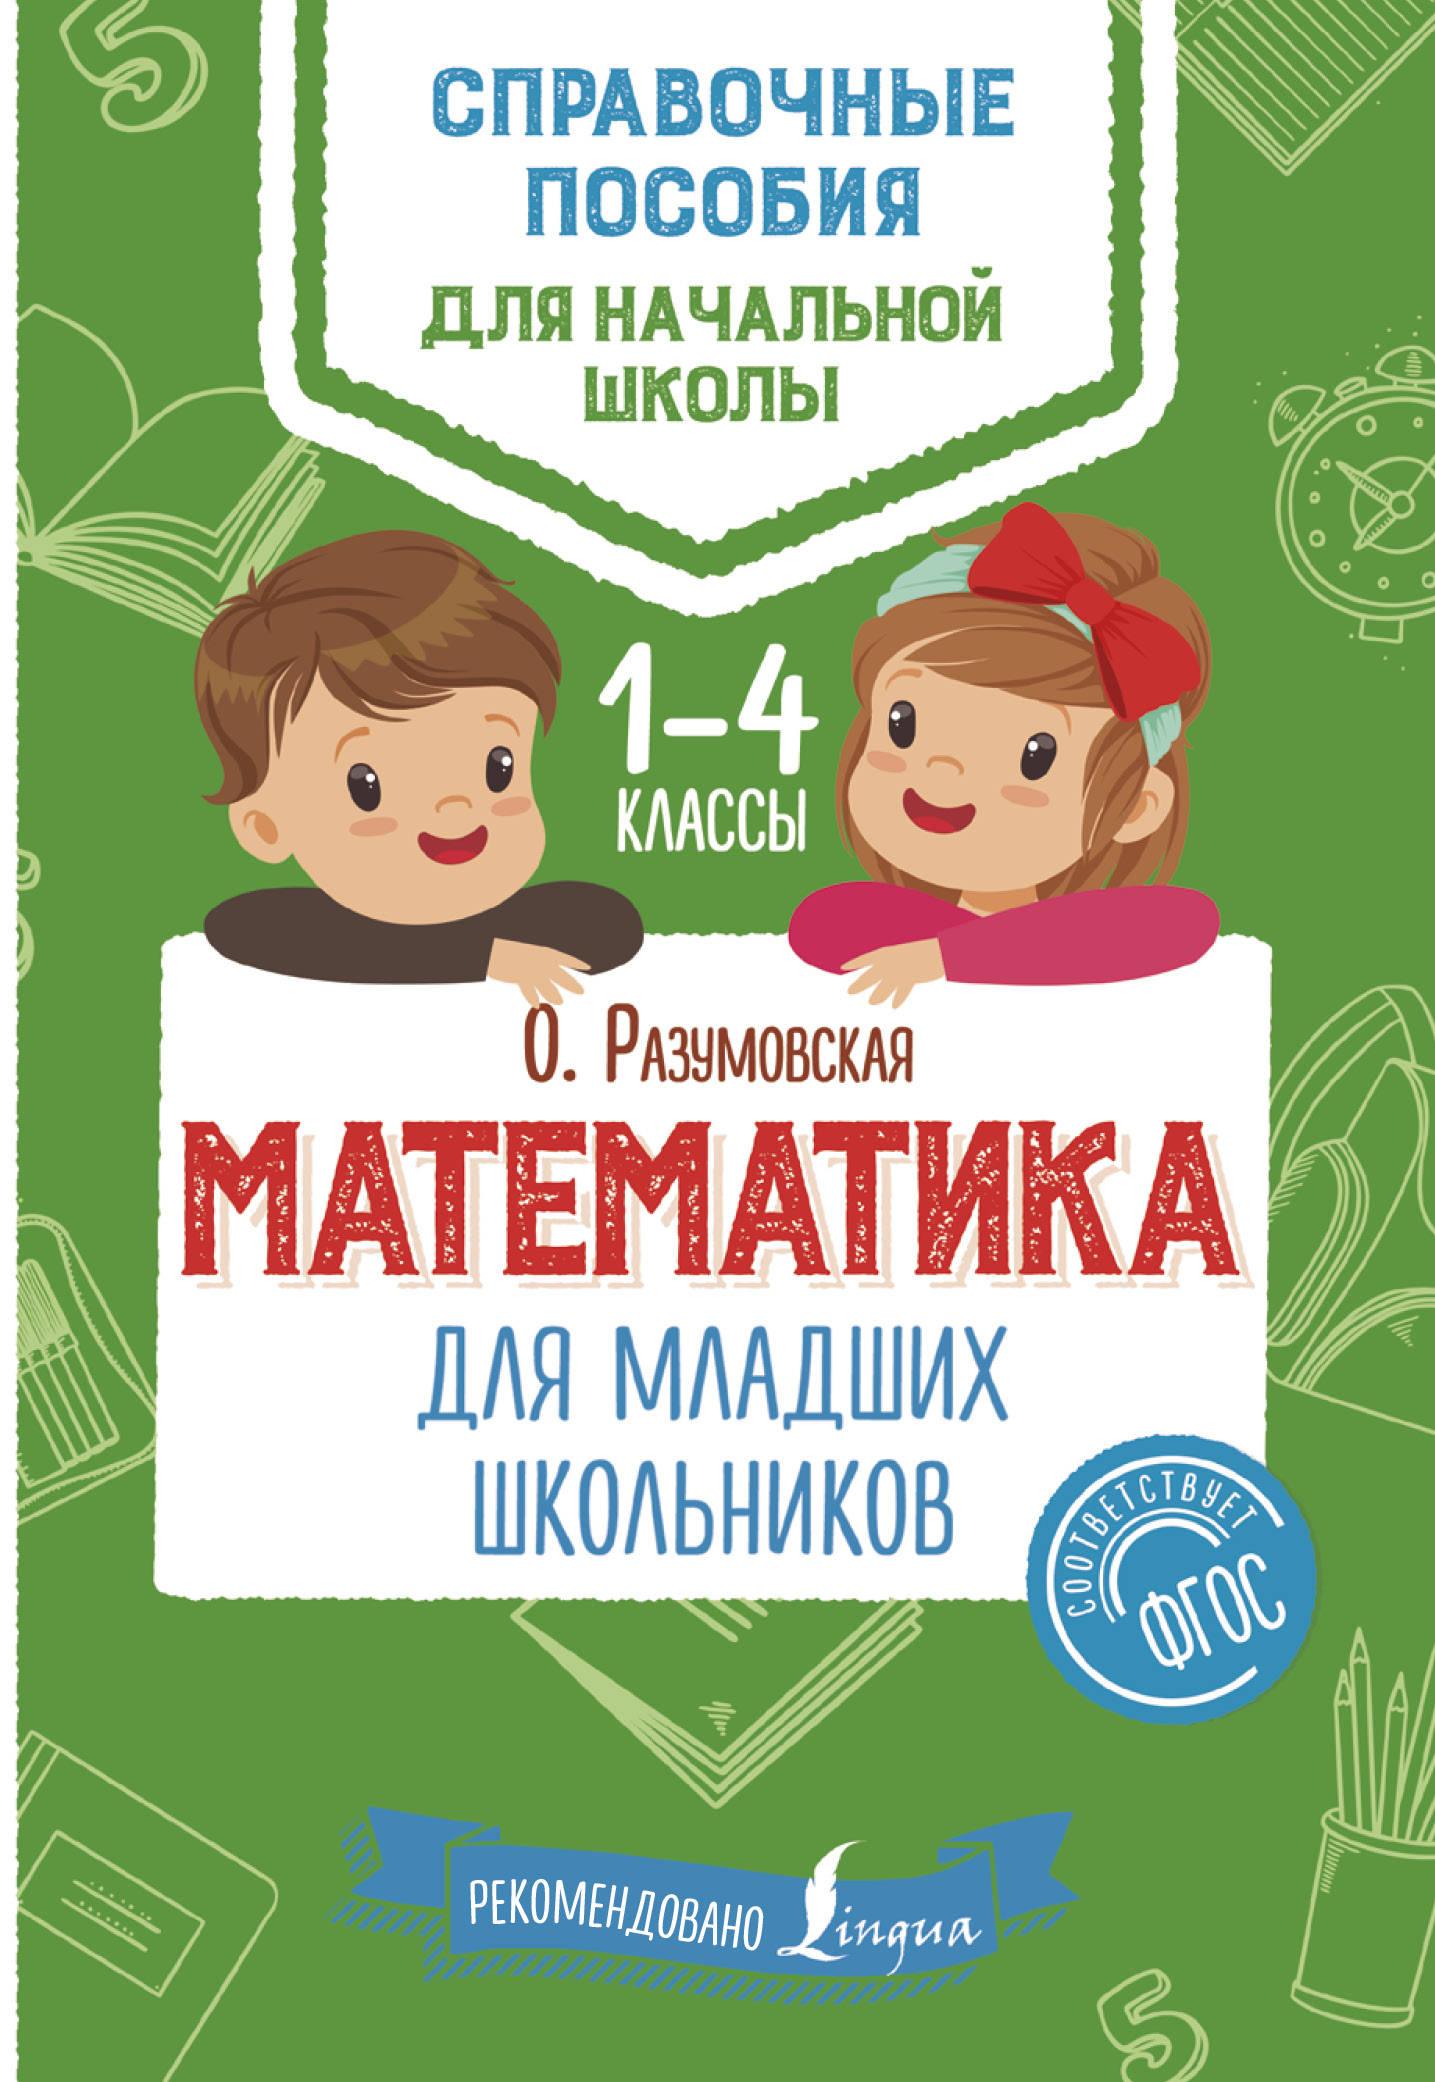 О. Разумовская Математика для младших школьников о разумовская лучшие задачи по математике для младших школьников 1 4 классы